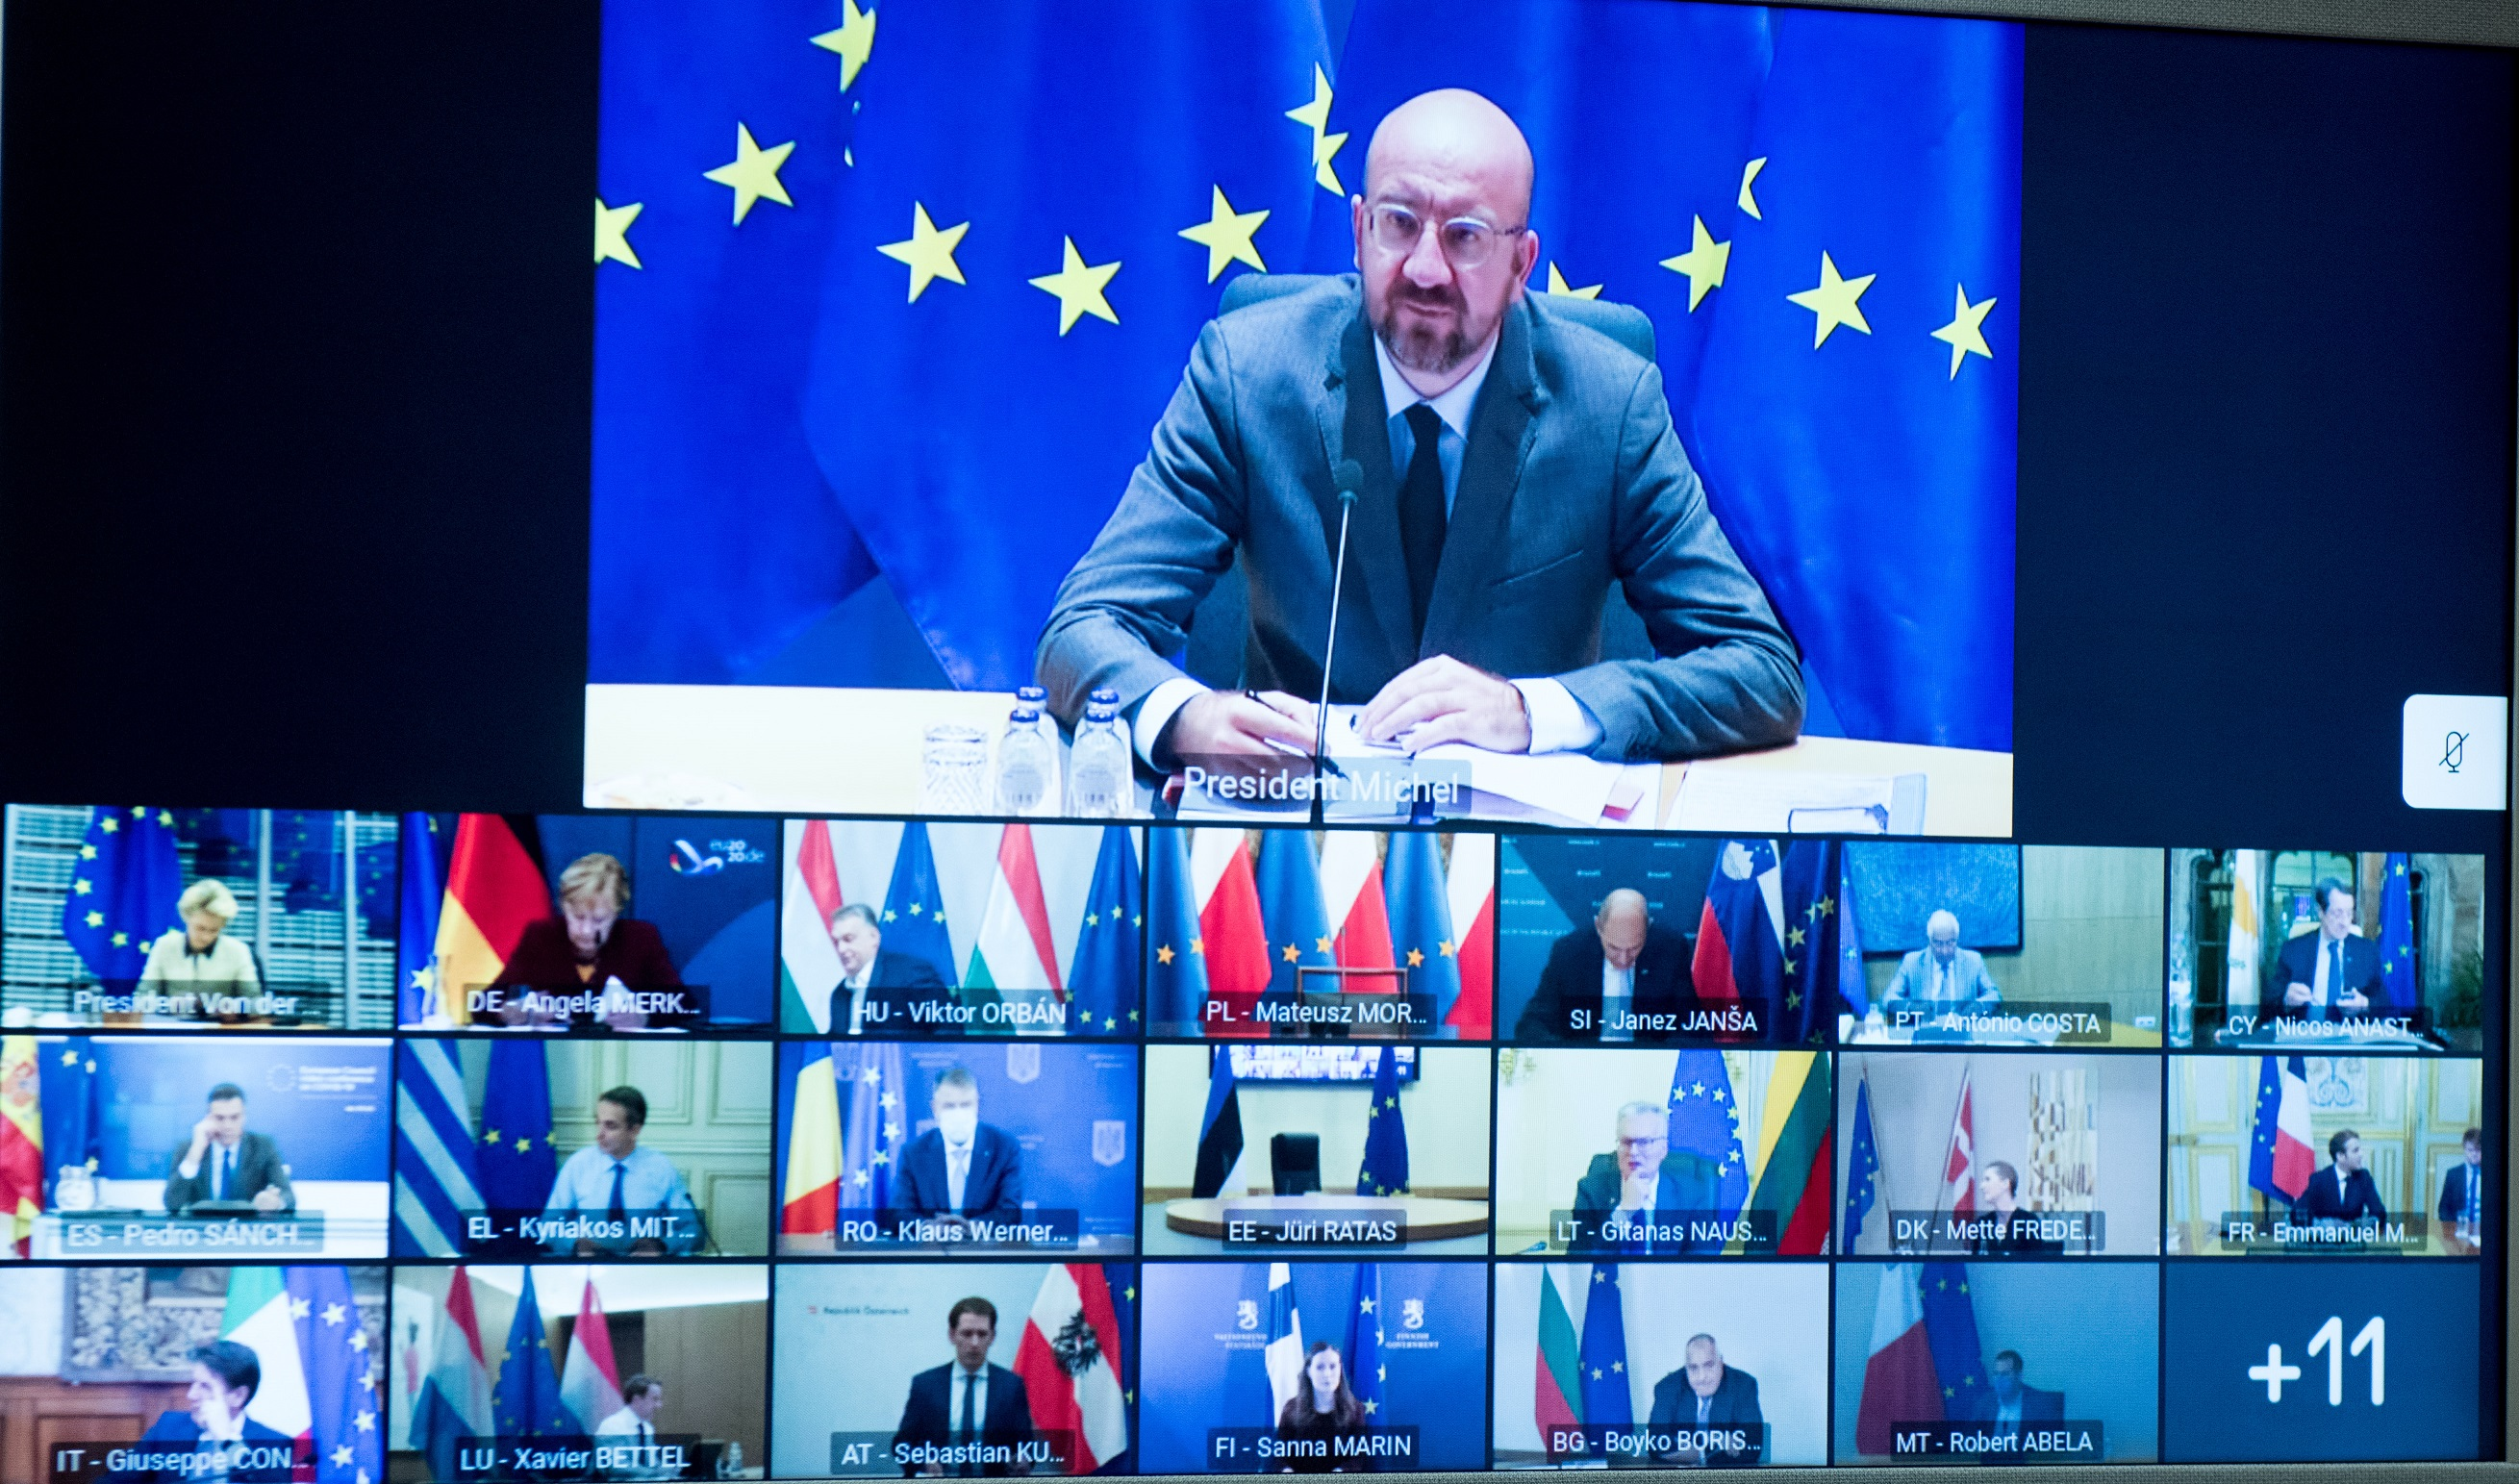 (国际疫情)(6)欧盟视频峰会讨论就抗疫(4273264)-20201126171417.JPG